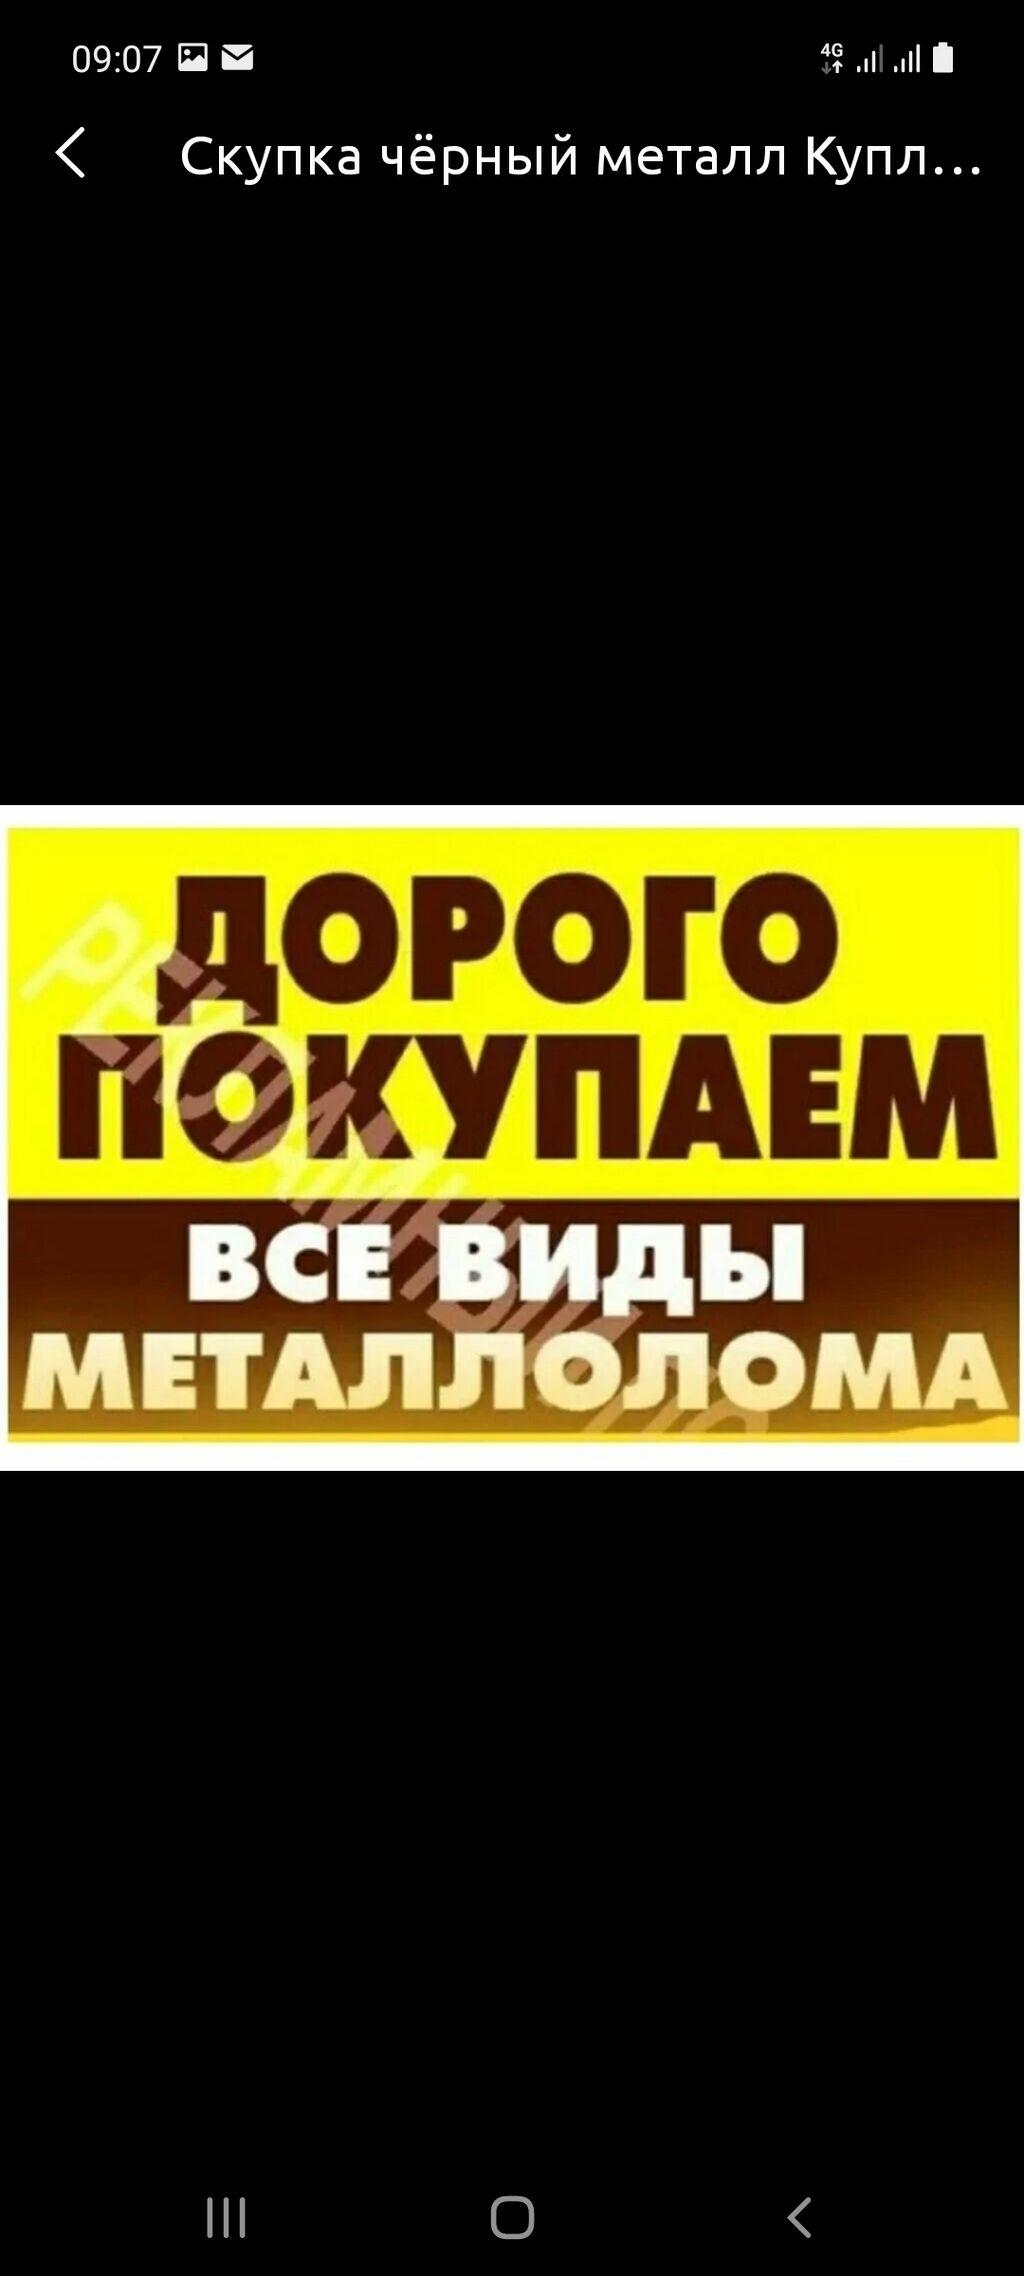 Скупка металл дорого самовывоз## бишкек база##металль чоный## | Объявление создано 11 Сентябрь 2021 03:08:39 | СКУПКА ЧЕРНОГО МЕТАЛЛА: Скупка металл дорого самовывоз## бишкек база##металль чоный##